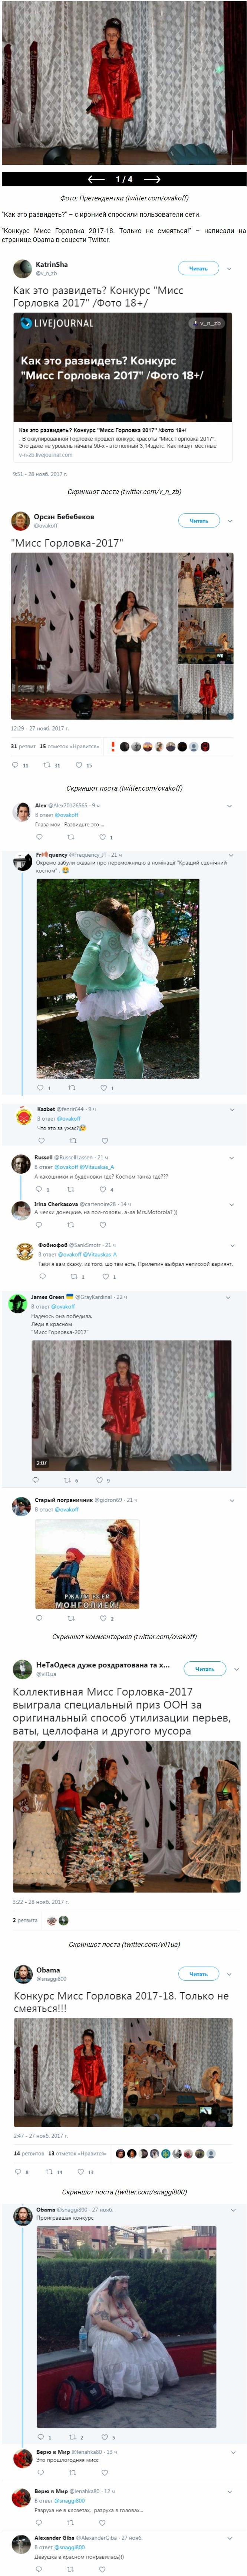 «Как это развидеть?»: В сети высмеяли конкурс красоты в ДНР